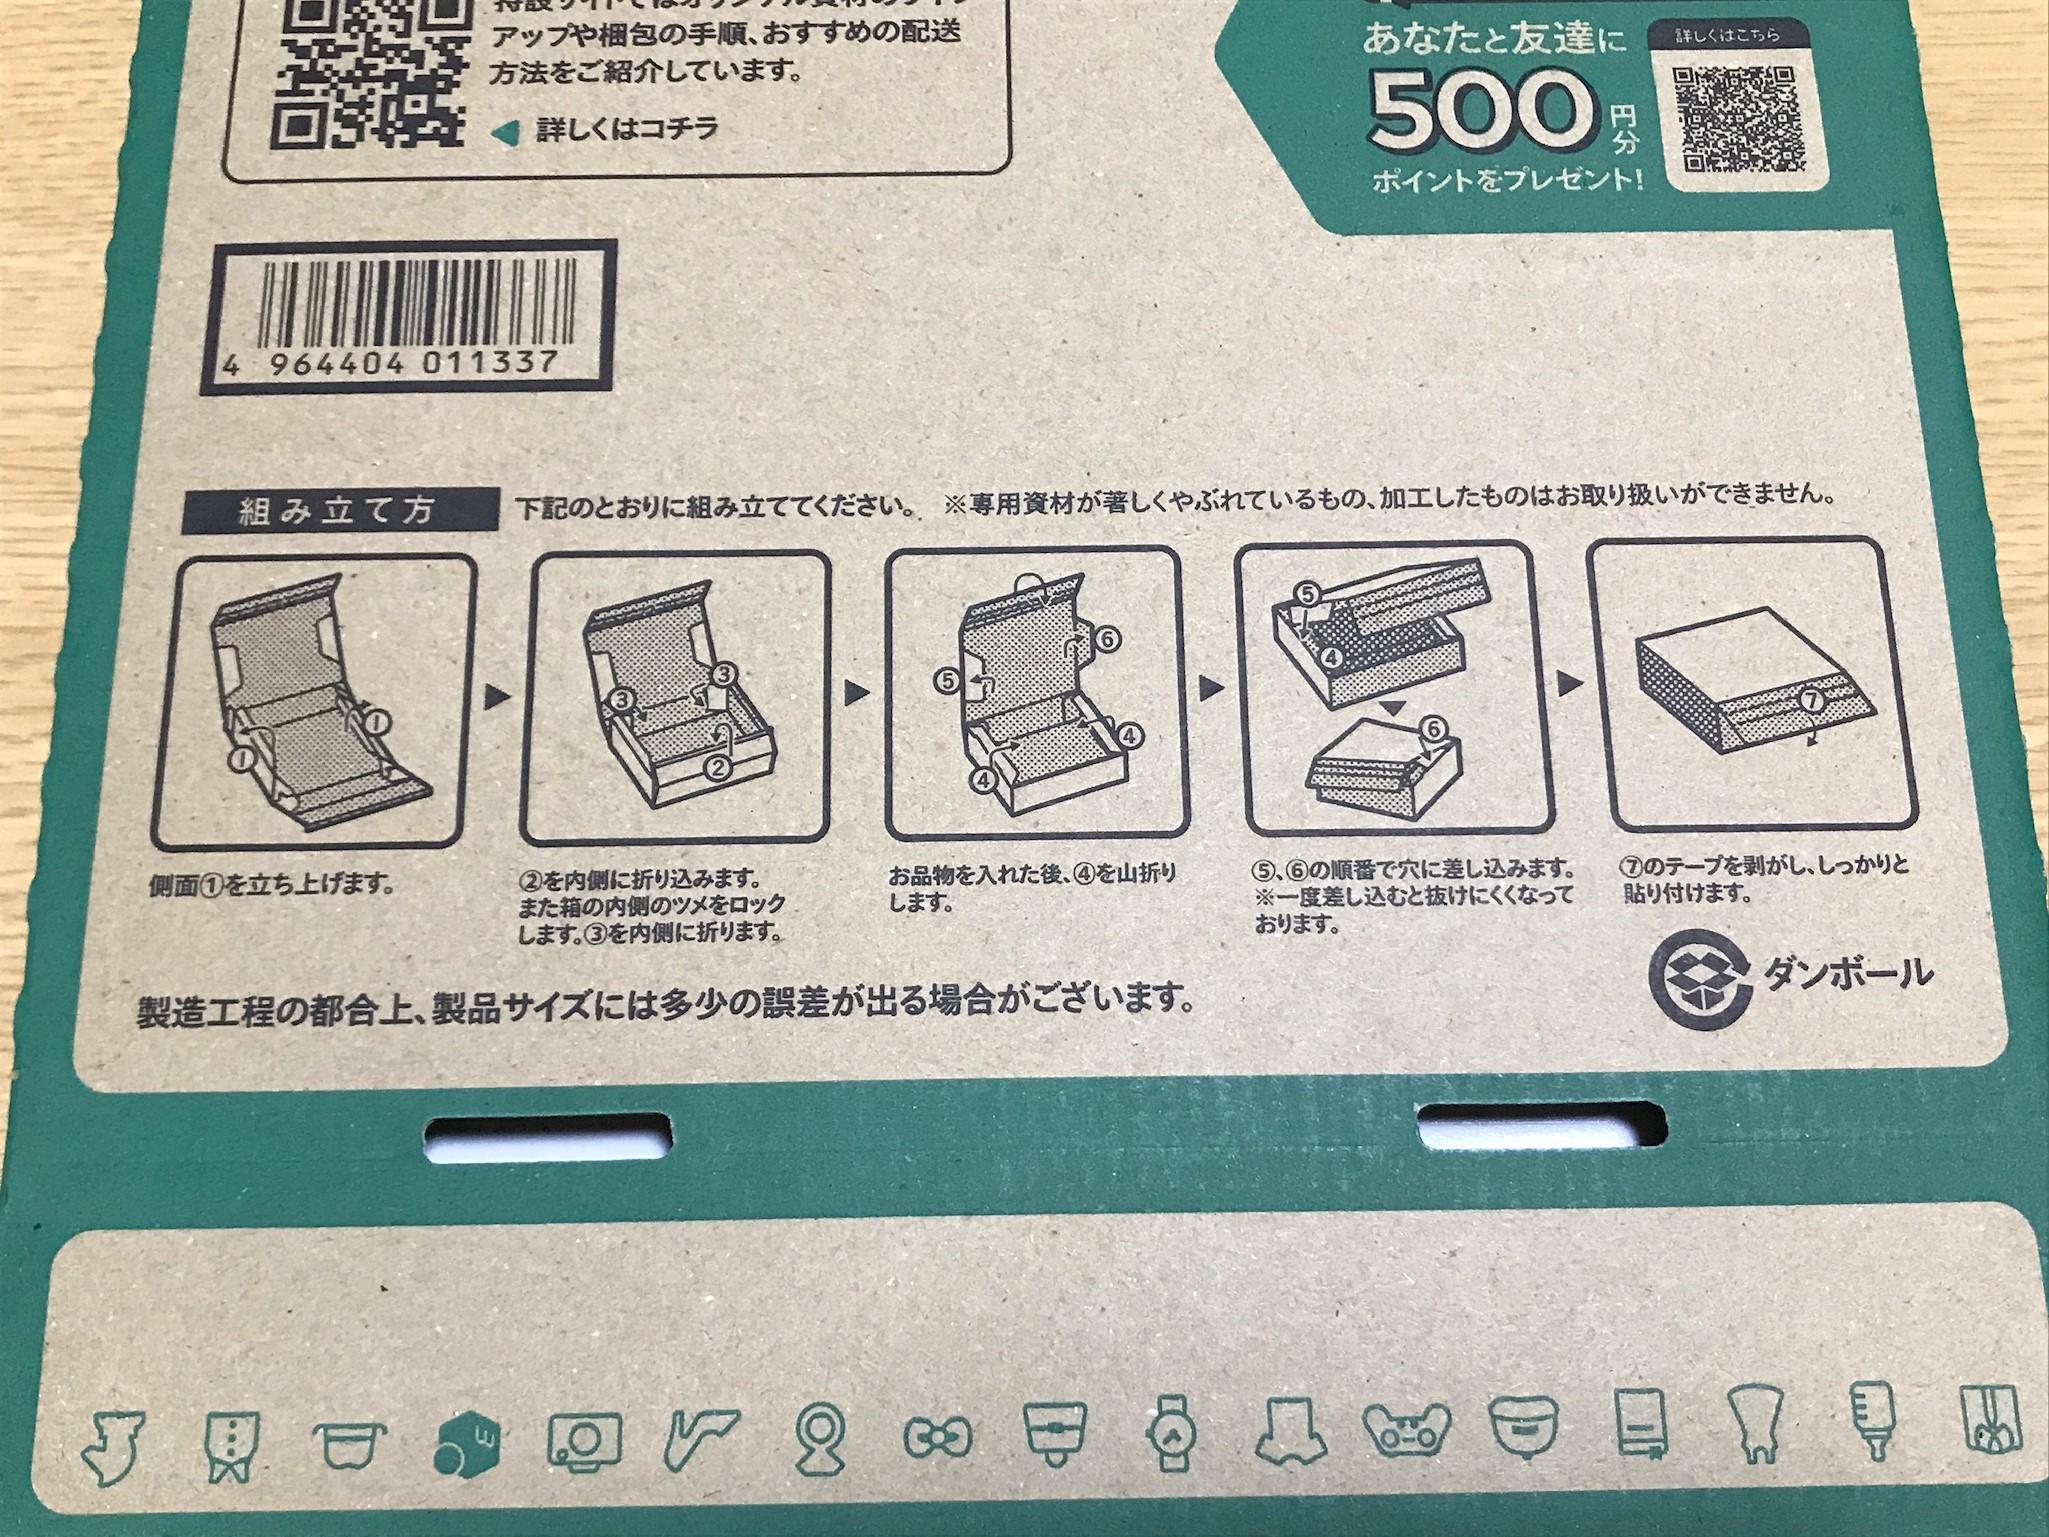 宅急便コンパクト専用箱の組み立て方